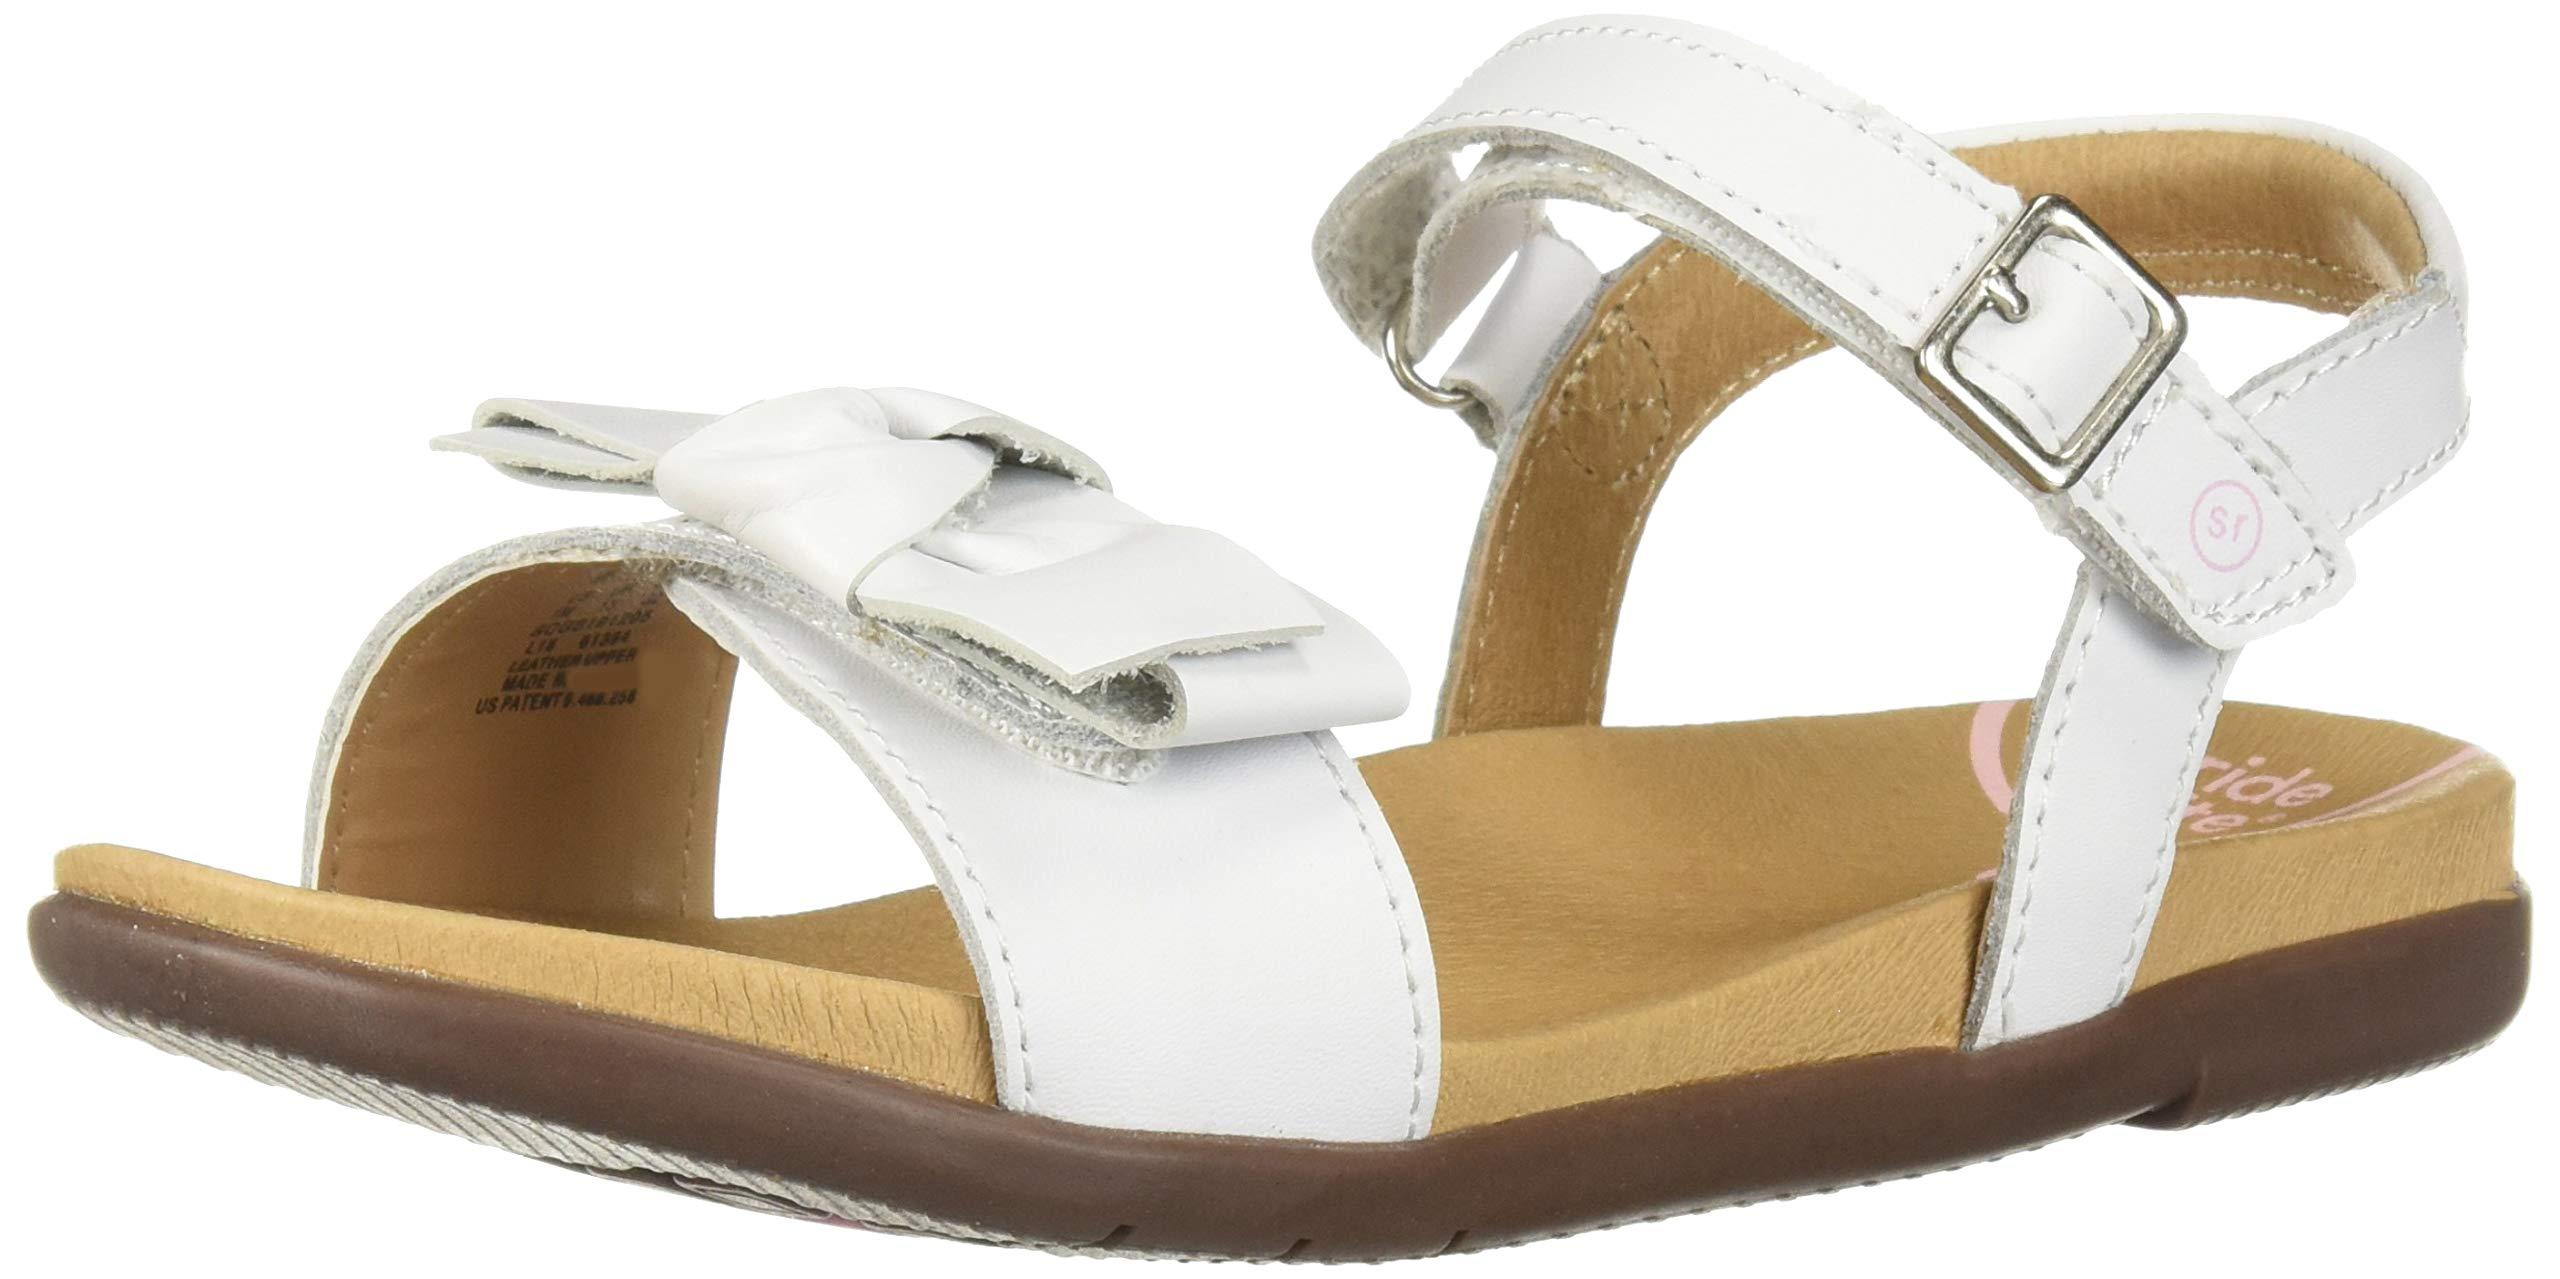 Stride Rite SRTech Savannah Girl's Sandal, White, 9 M US Toddler